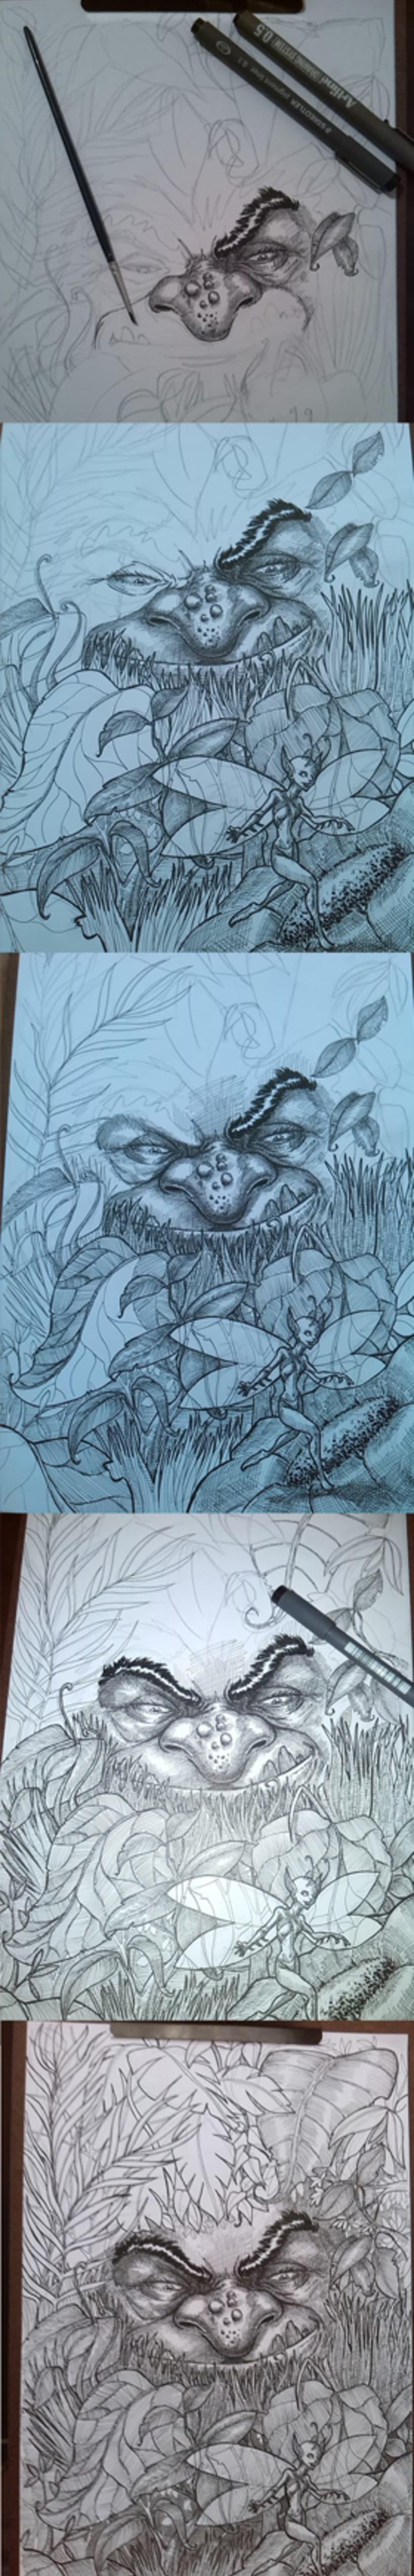 hada y troll, ilustración en tinta y agua -1